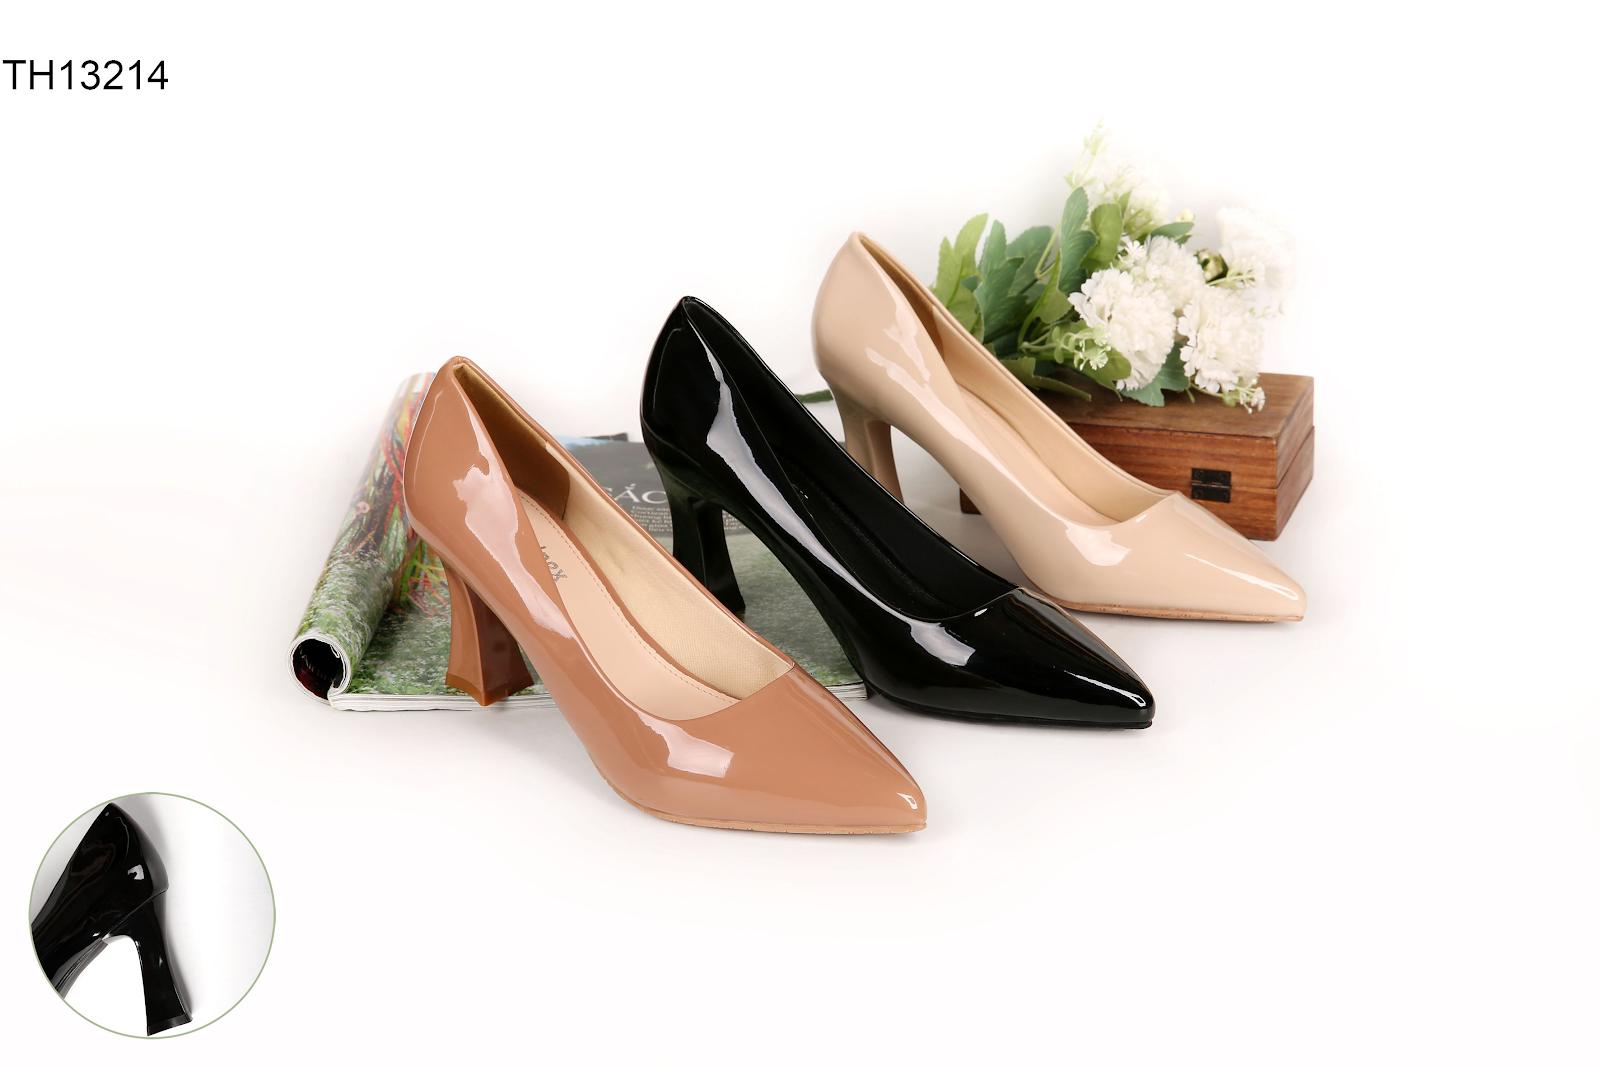 Giày dép được thiết kế đẹp mắt